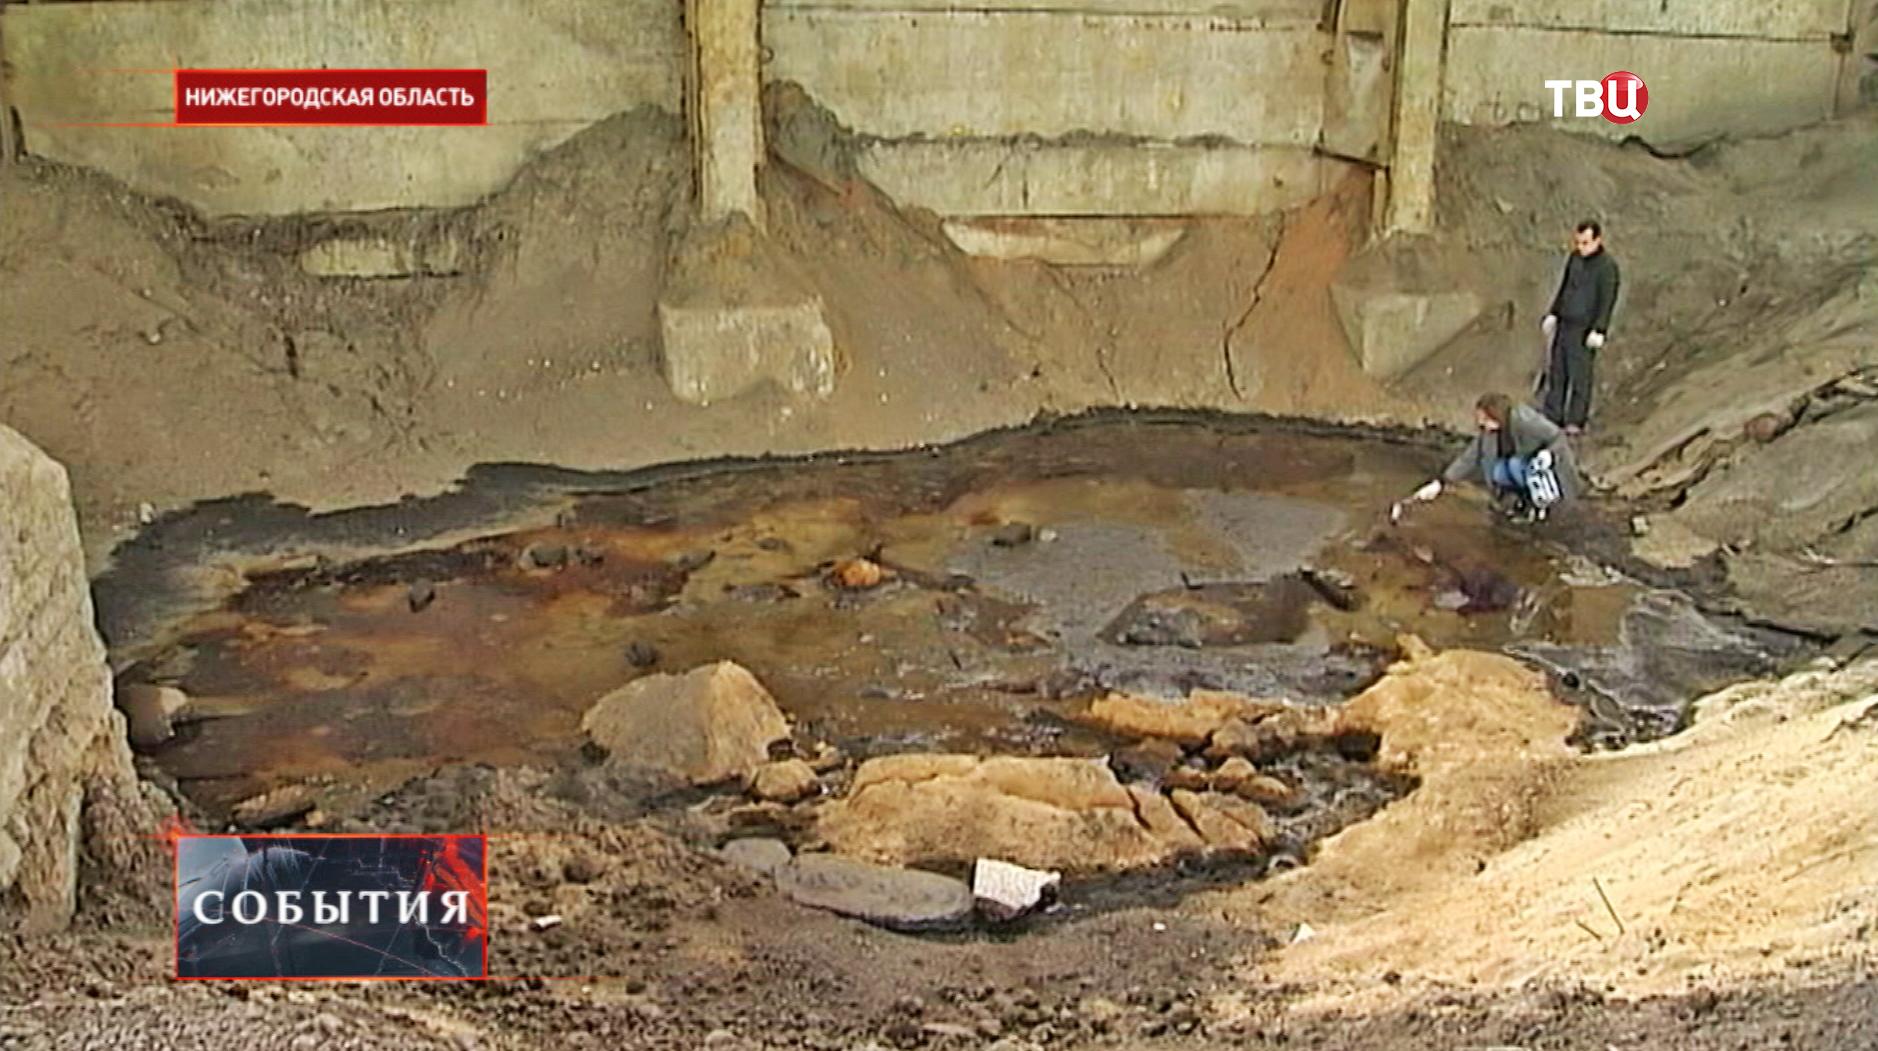 Свалка промышленных отходов в городе Выкса Нижегородской области